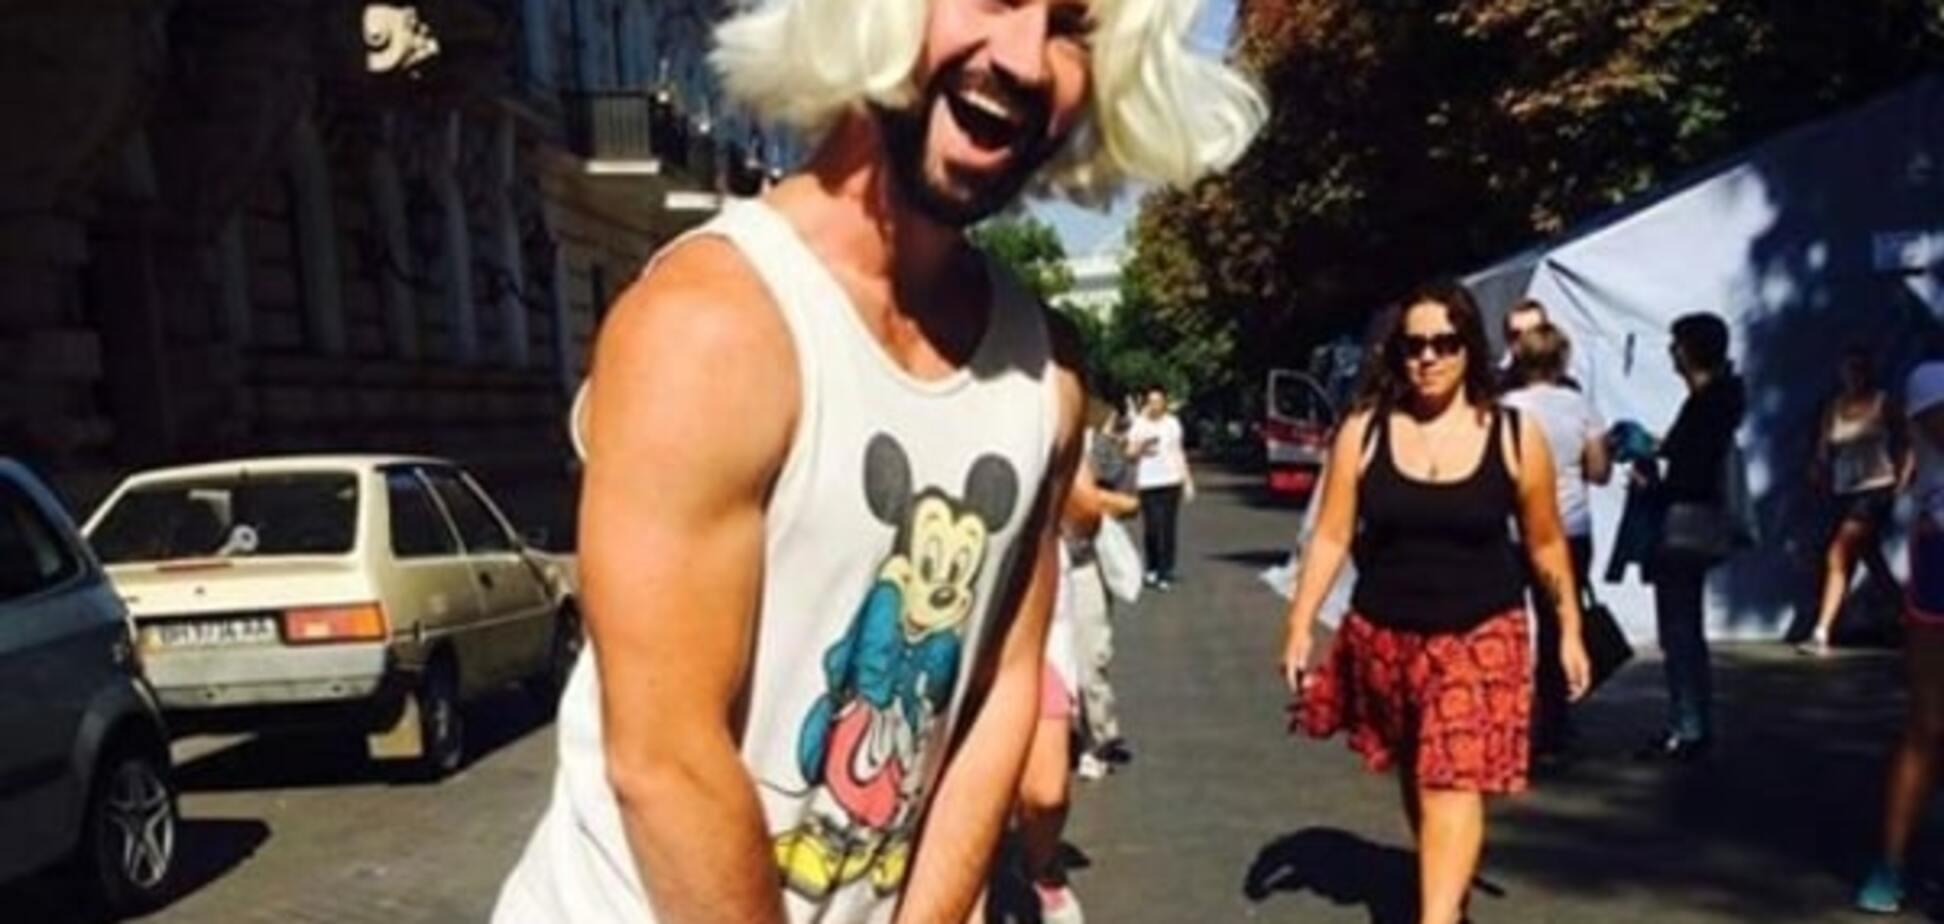 Кончита Вурст по-одесски: в массовом женском забеге заметили мужчину в юбке. Фотофакт